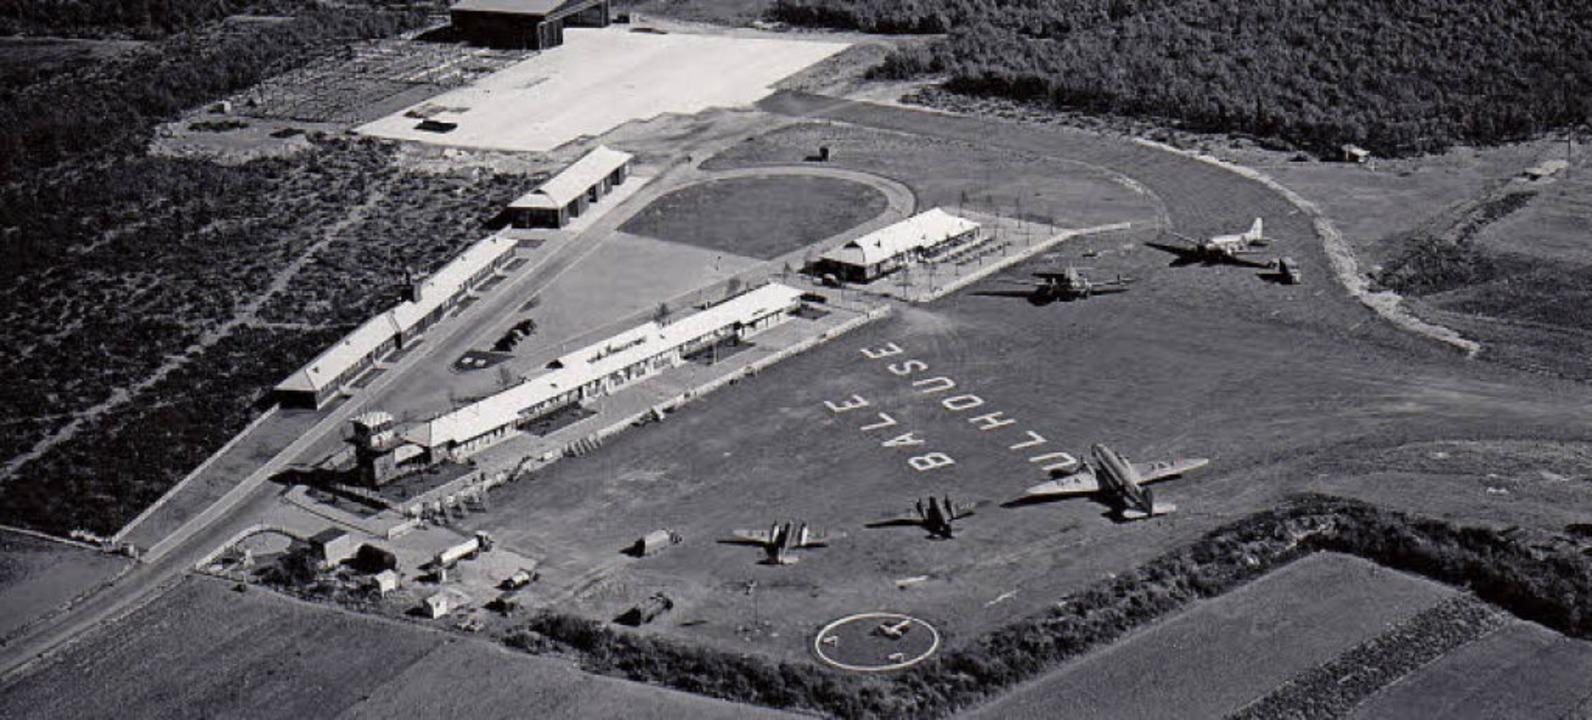 Der Euroairport 1948   | Foto: Archivbild: Euroairport